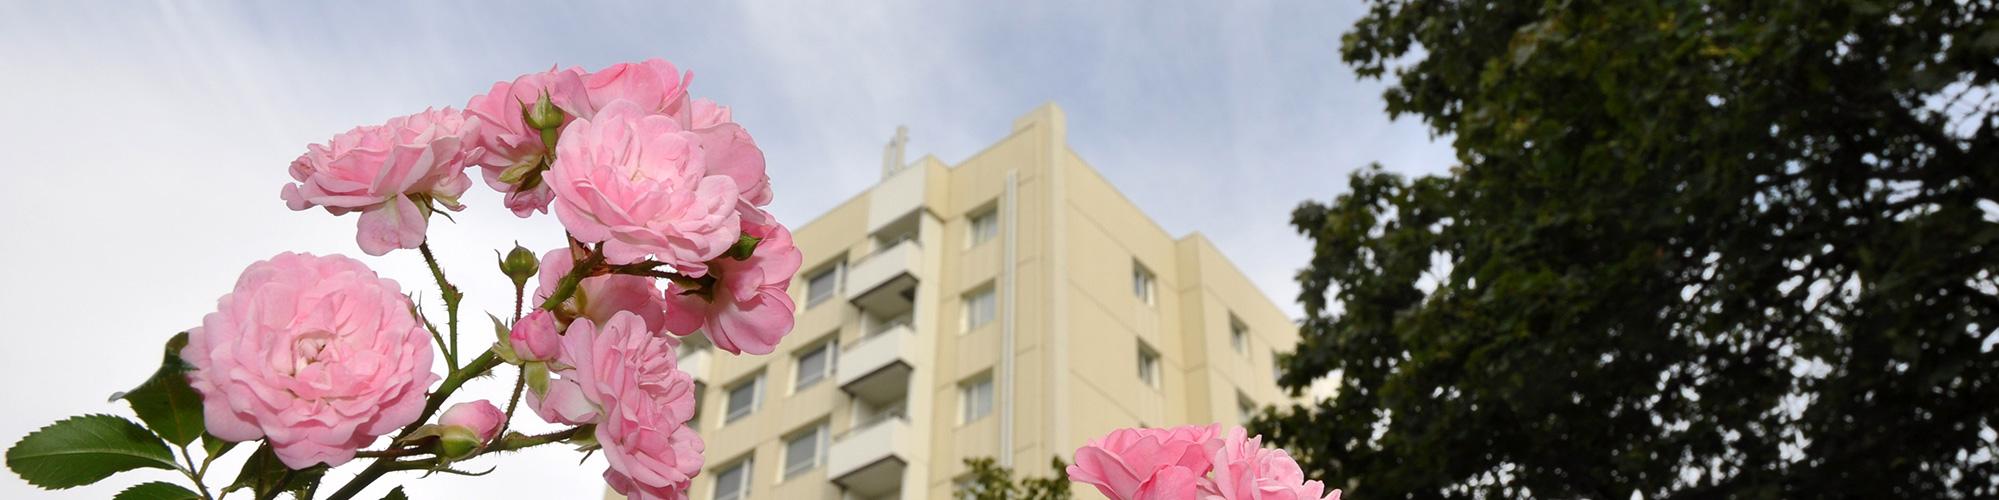 Tresson Balkong renoverade 191 balkonger på 5 punkthus åt brf Höstfibblan i Täby. Entreprenaden pågick mellan 2017-18.